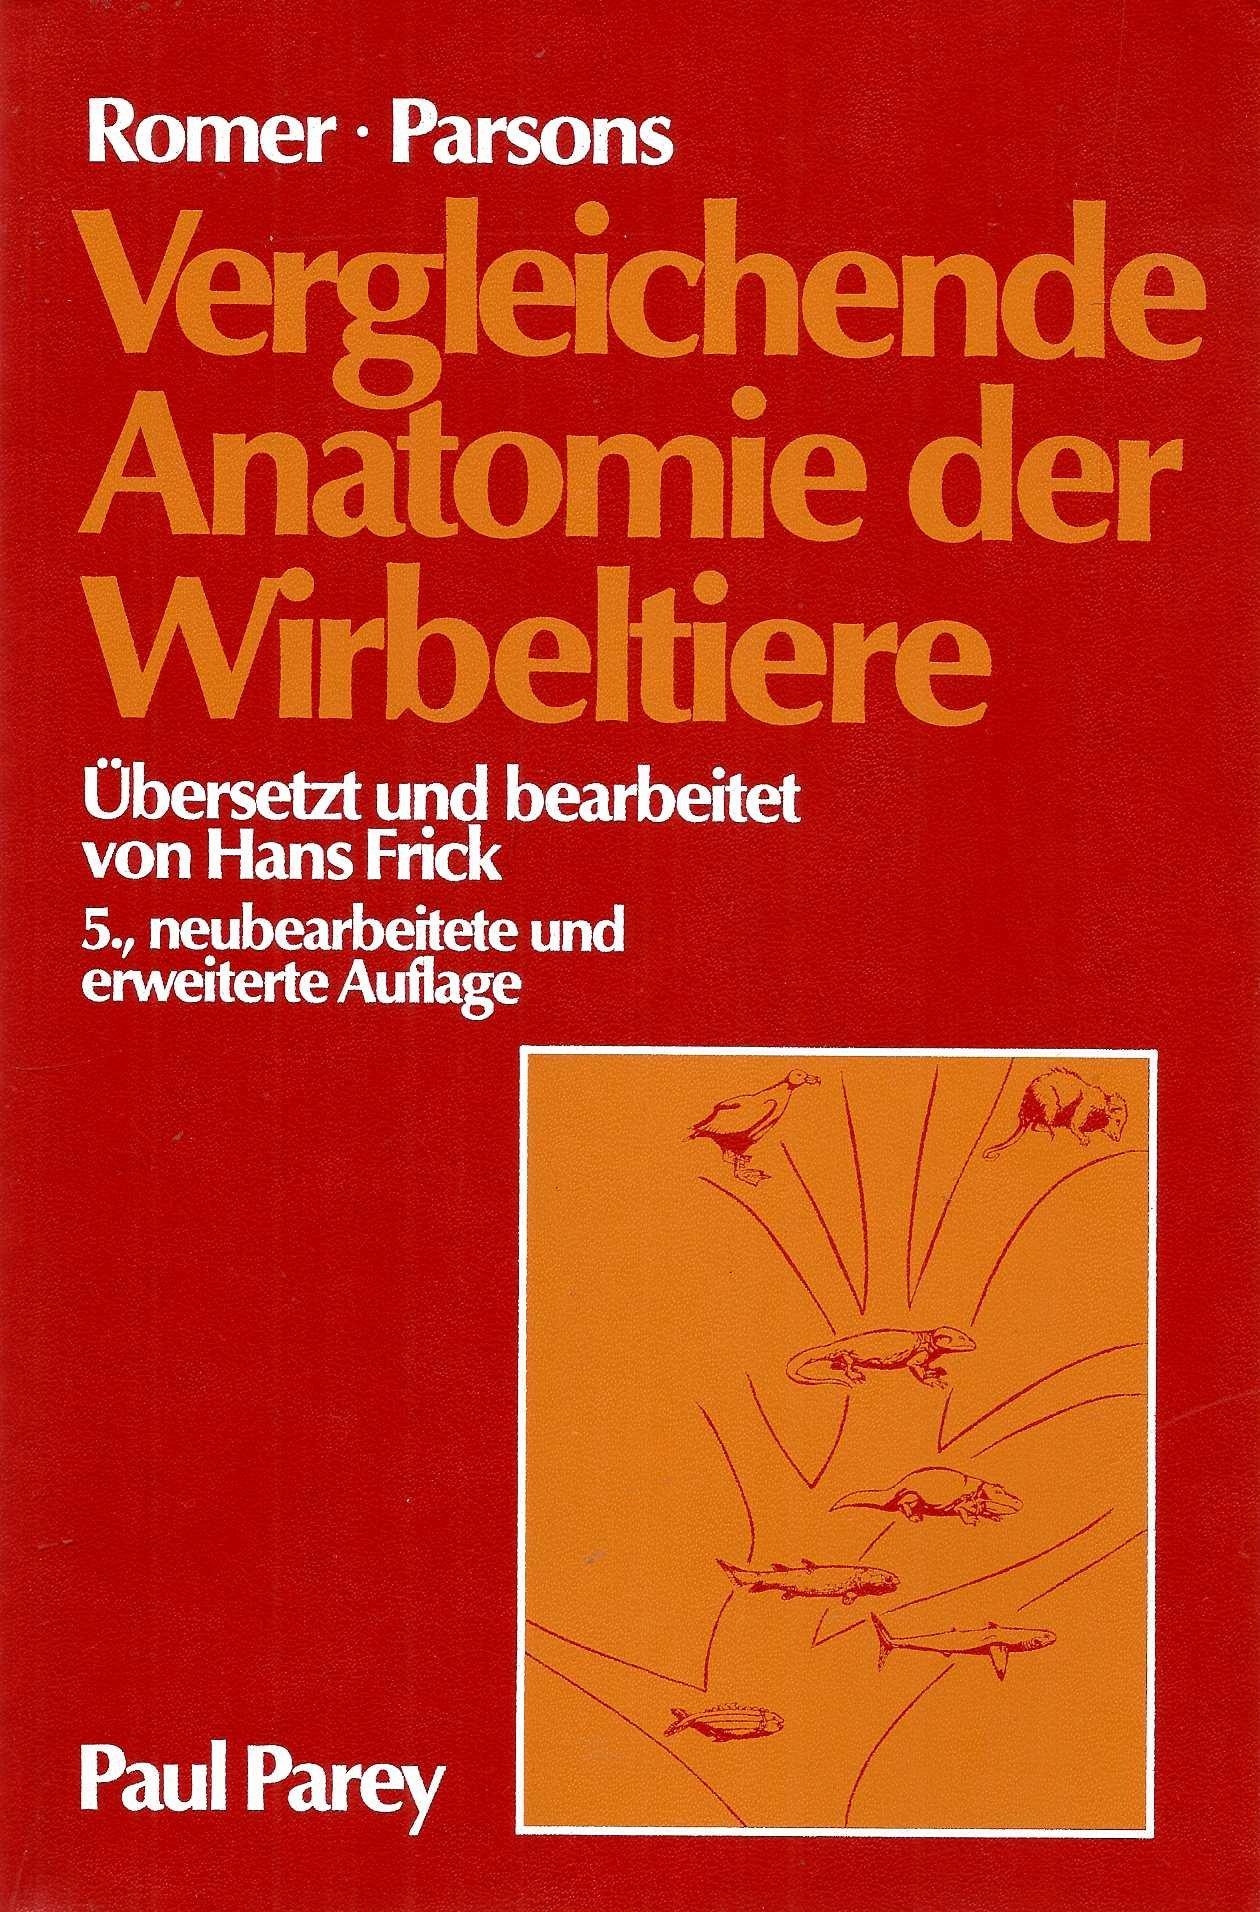 Niedlich Vergleichende Anatomie Biologie Ideen - Menschliche ...